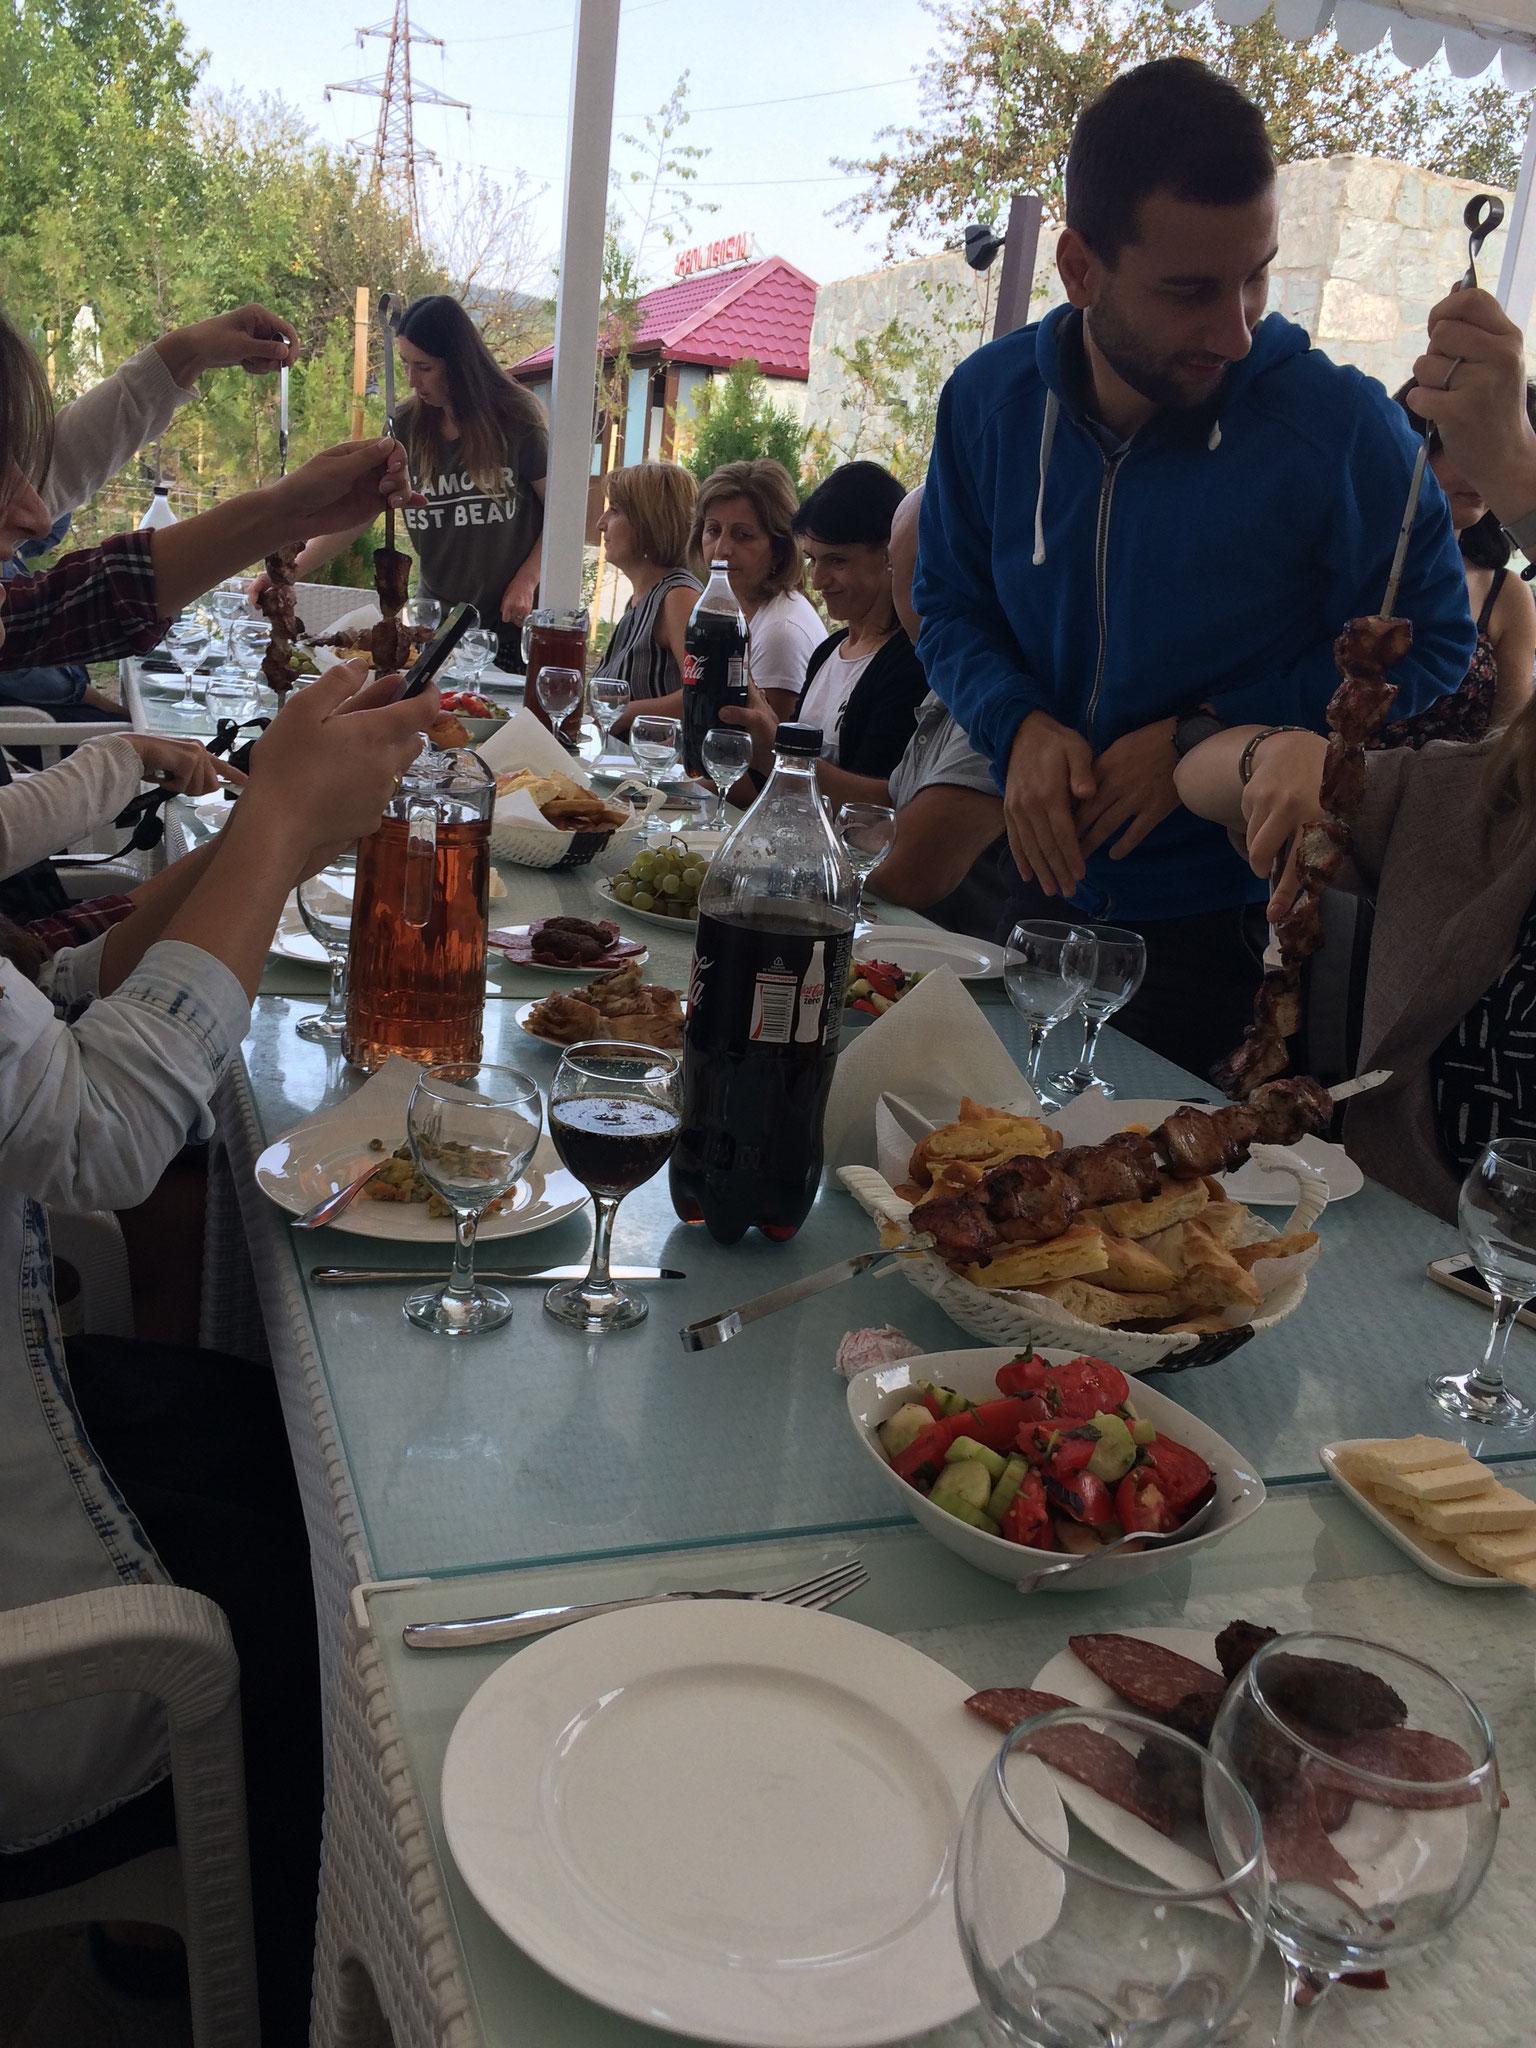 Georgisches Gastmahl beim Lehrerausflug - Essen, so weit das Auge reicht